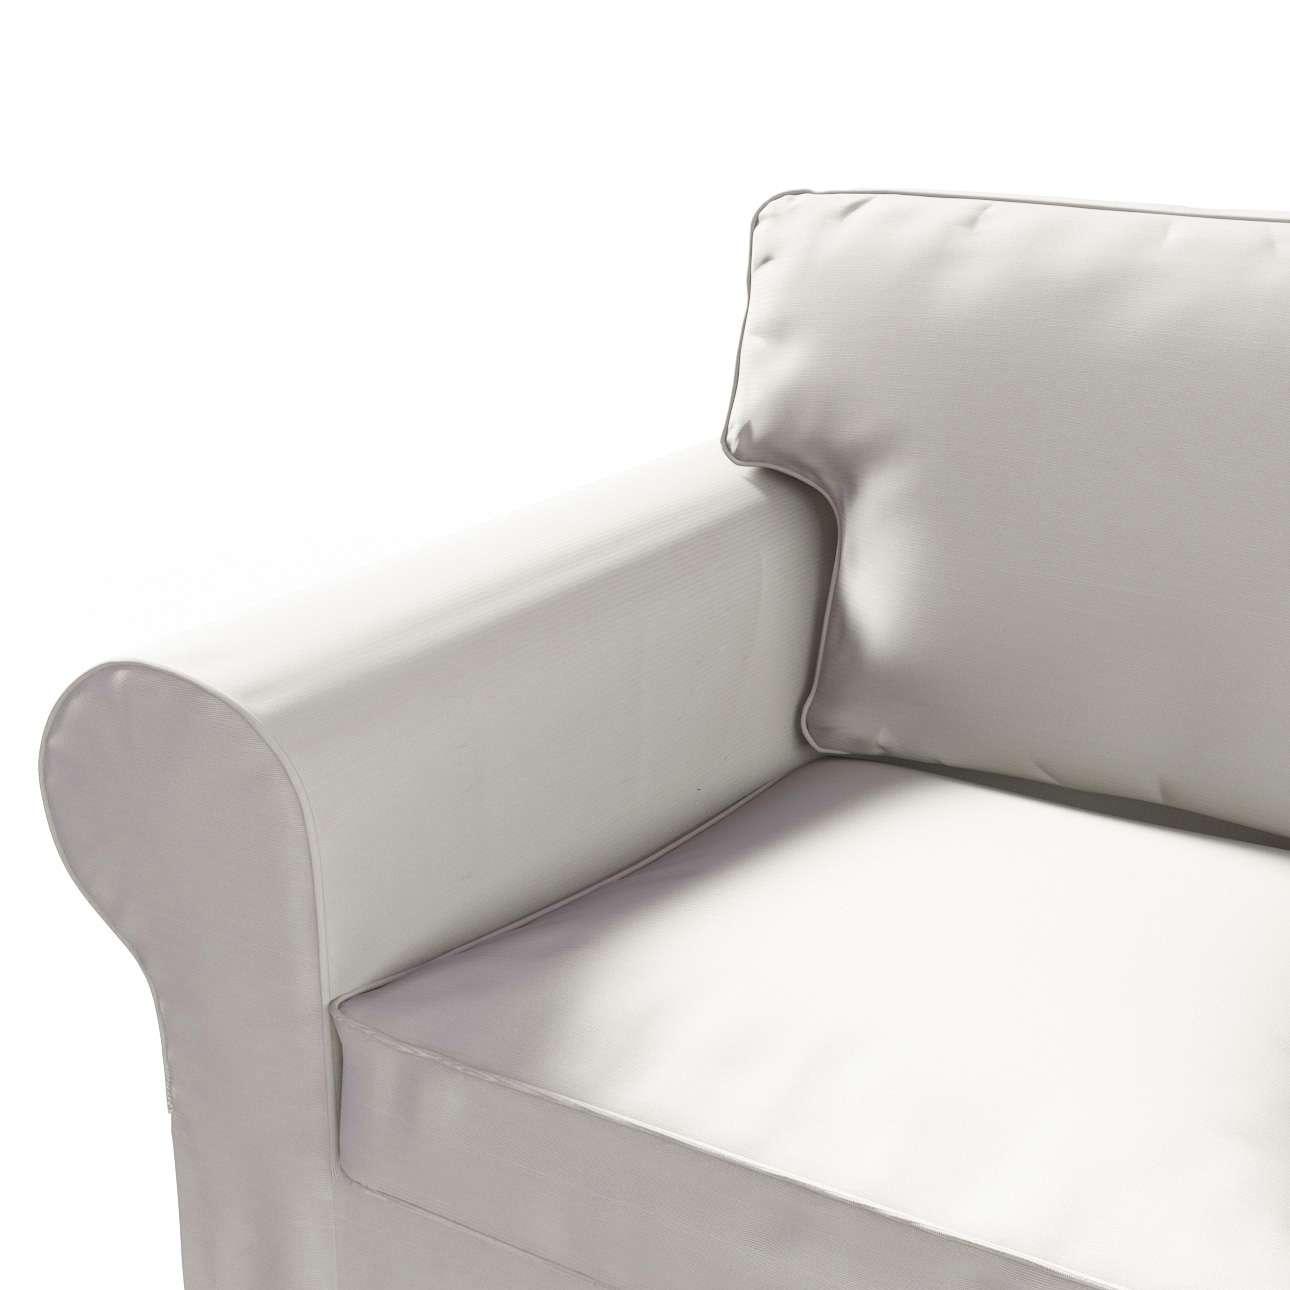 Ektorp 2-Sitzer Schlafsofabezug  NEUES Modell  Sofabezug für  Ektorp 2-Sitzer ausklappbar, neues Modell von der Kollektion Cotton Panama, Stoff: 702-31